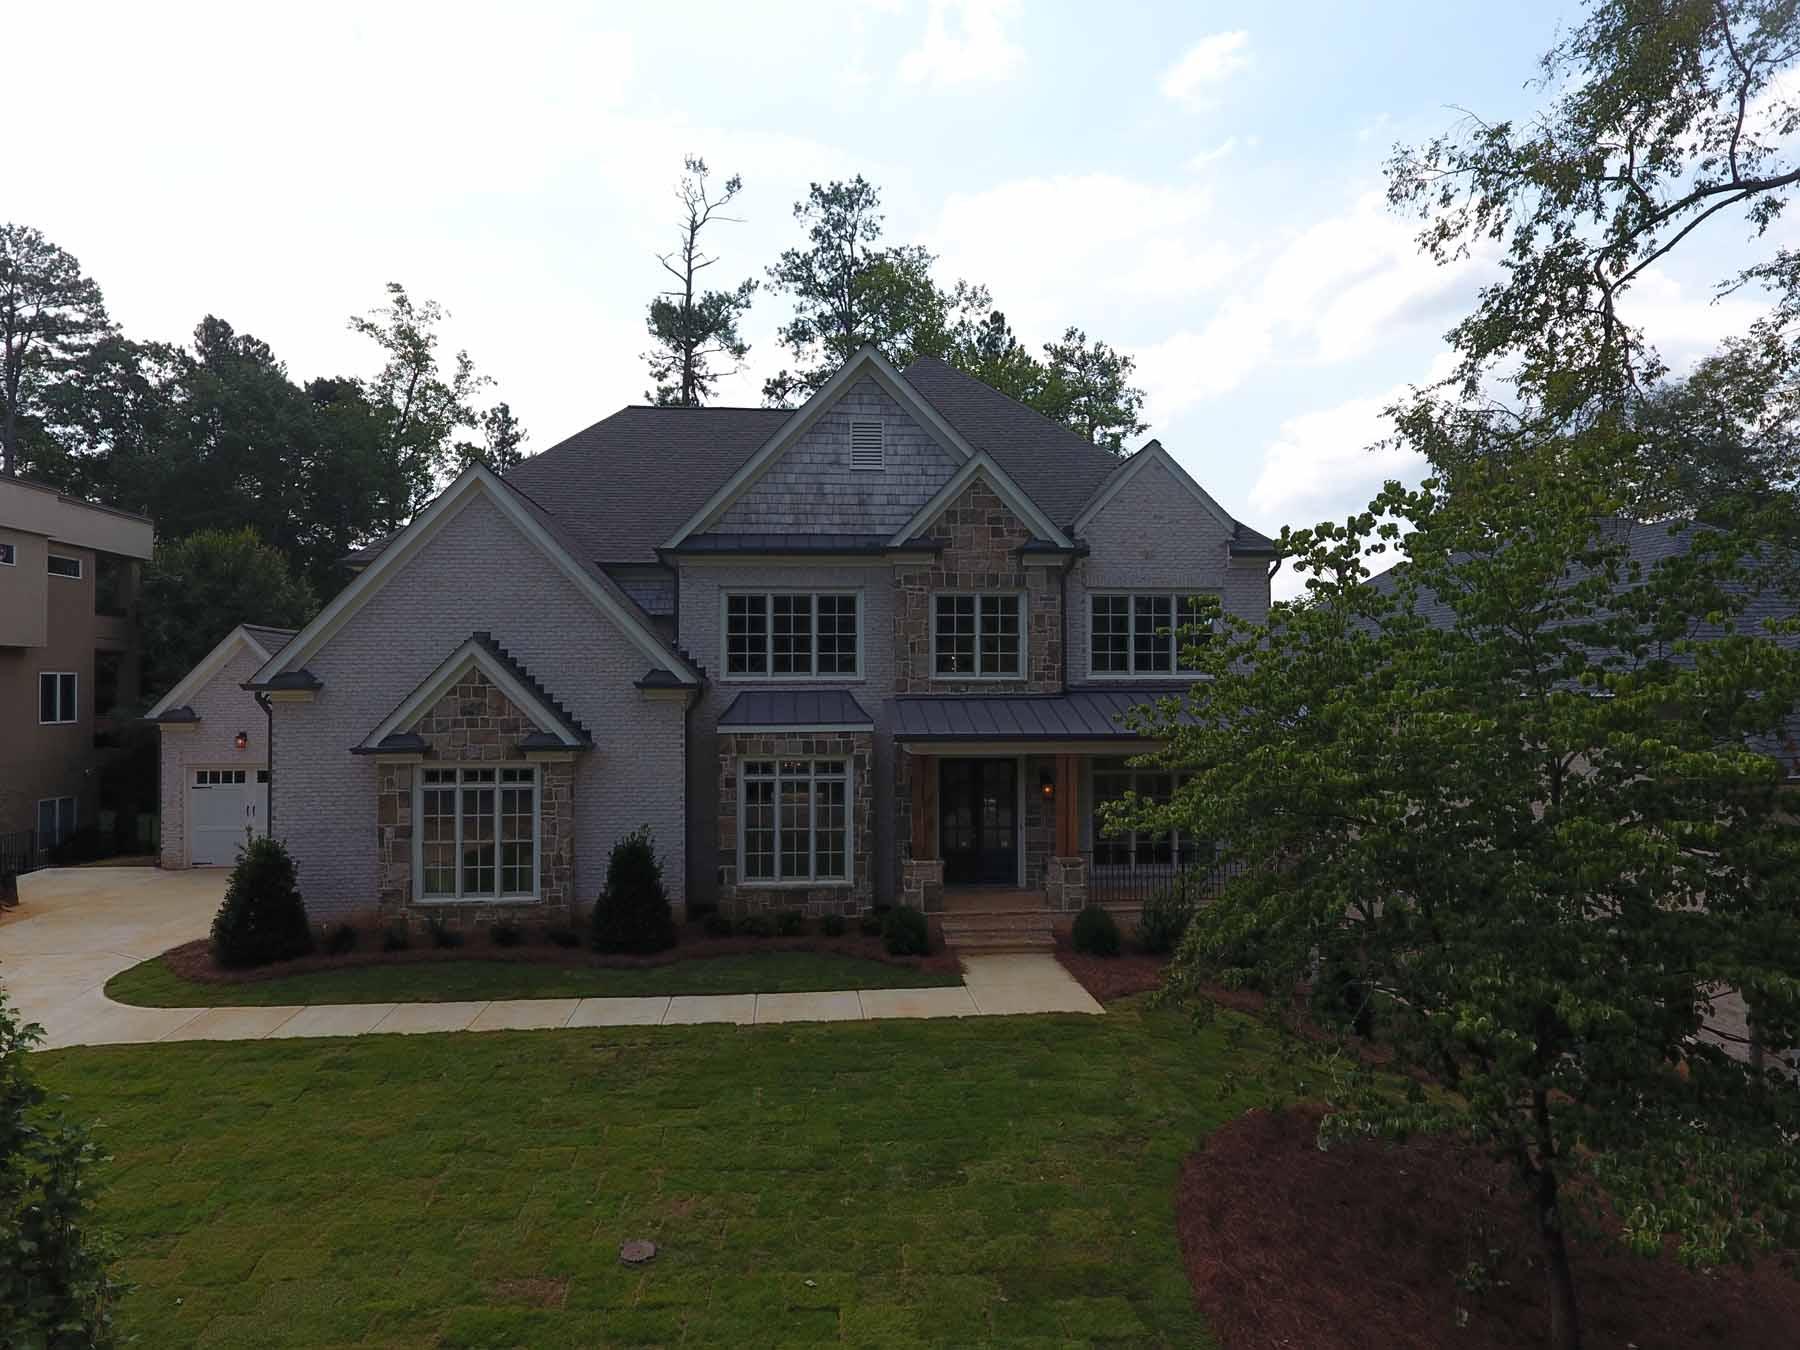 단독 가정 주택 용 매매 에 Custom Home Under Construction 580 High Point Lane Atlanta, 조지아, 30342 미국